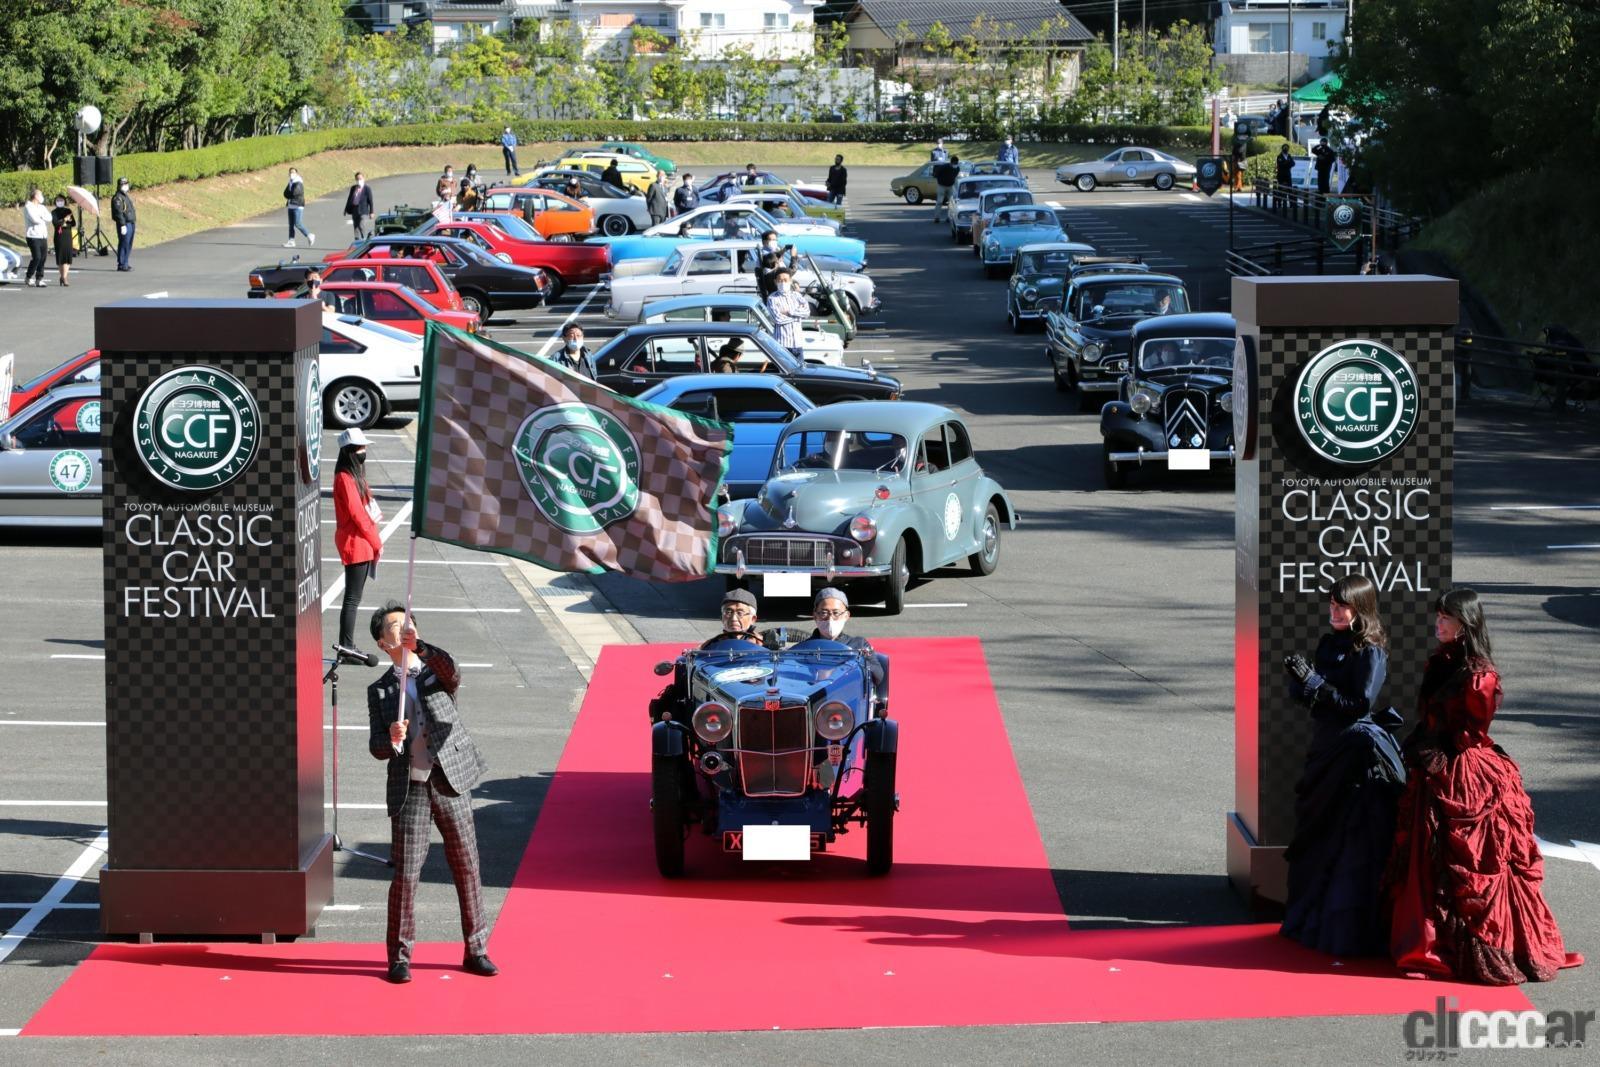 トヨタ博物館が「第32回 トヨタ博物館 クラシックカー・フェスティバル」を開催